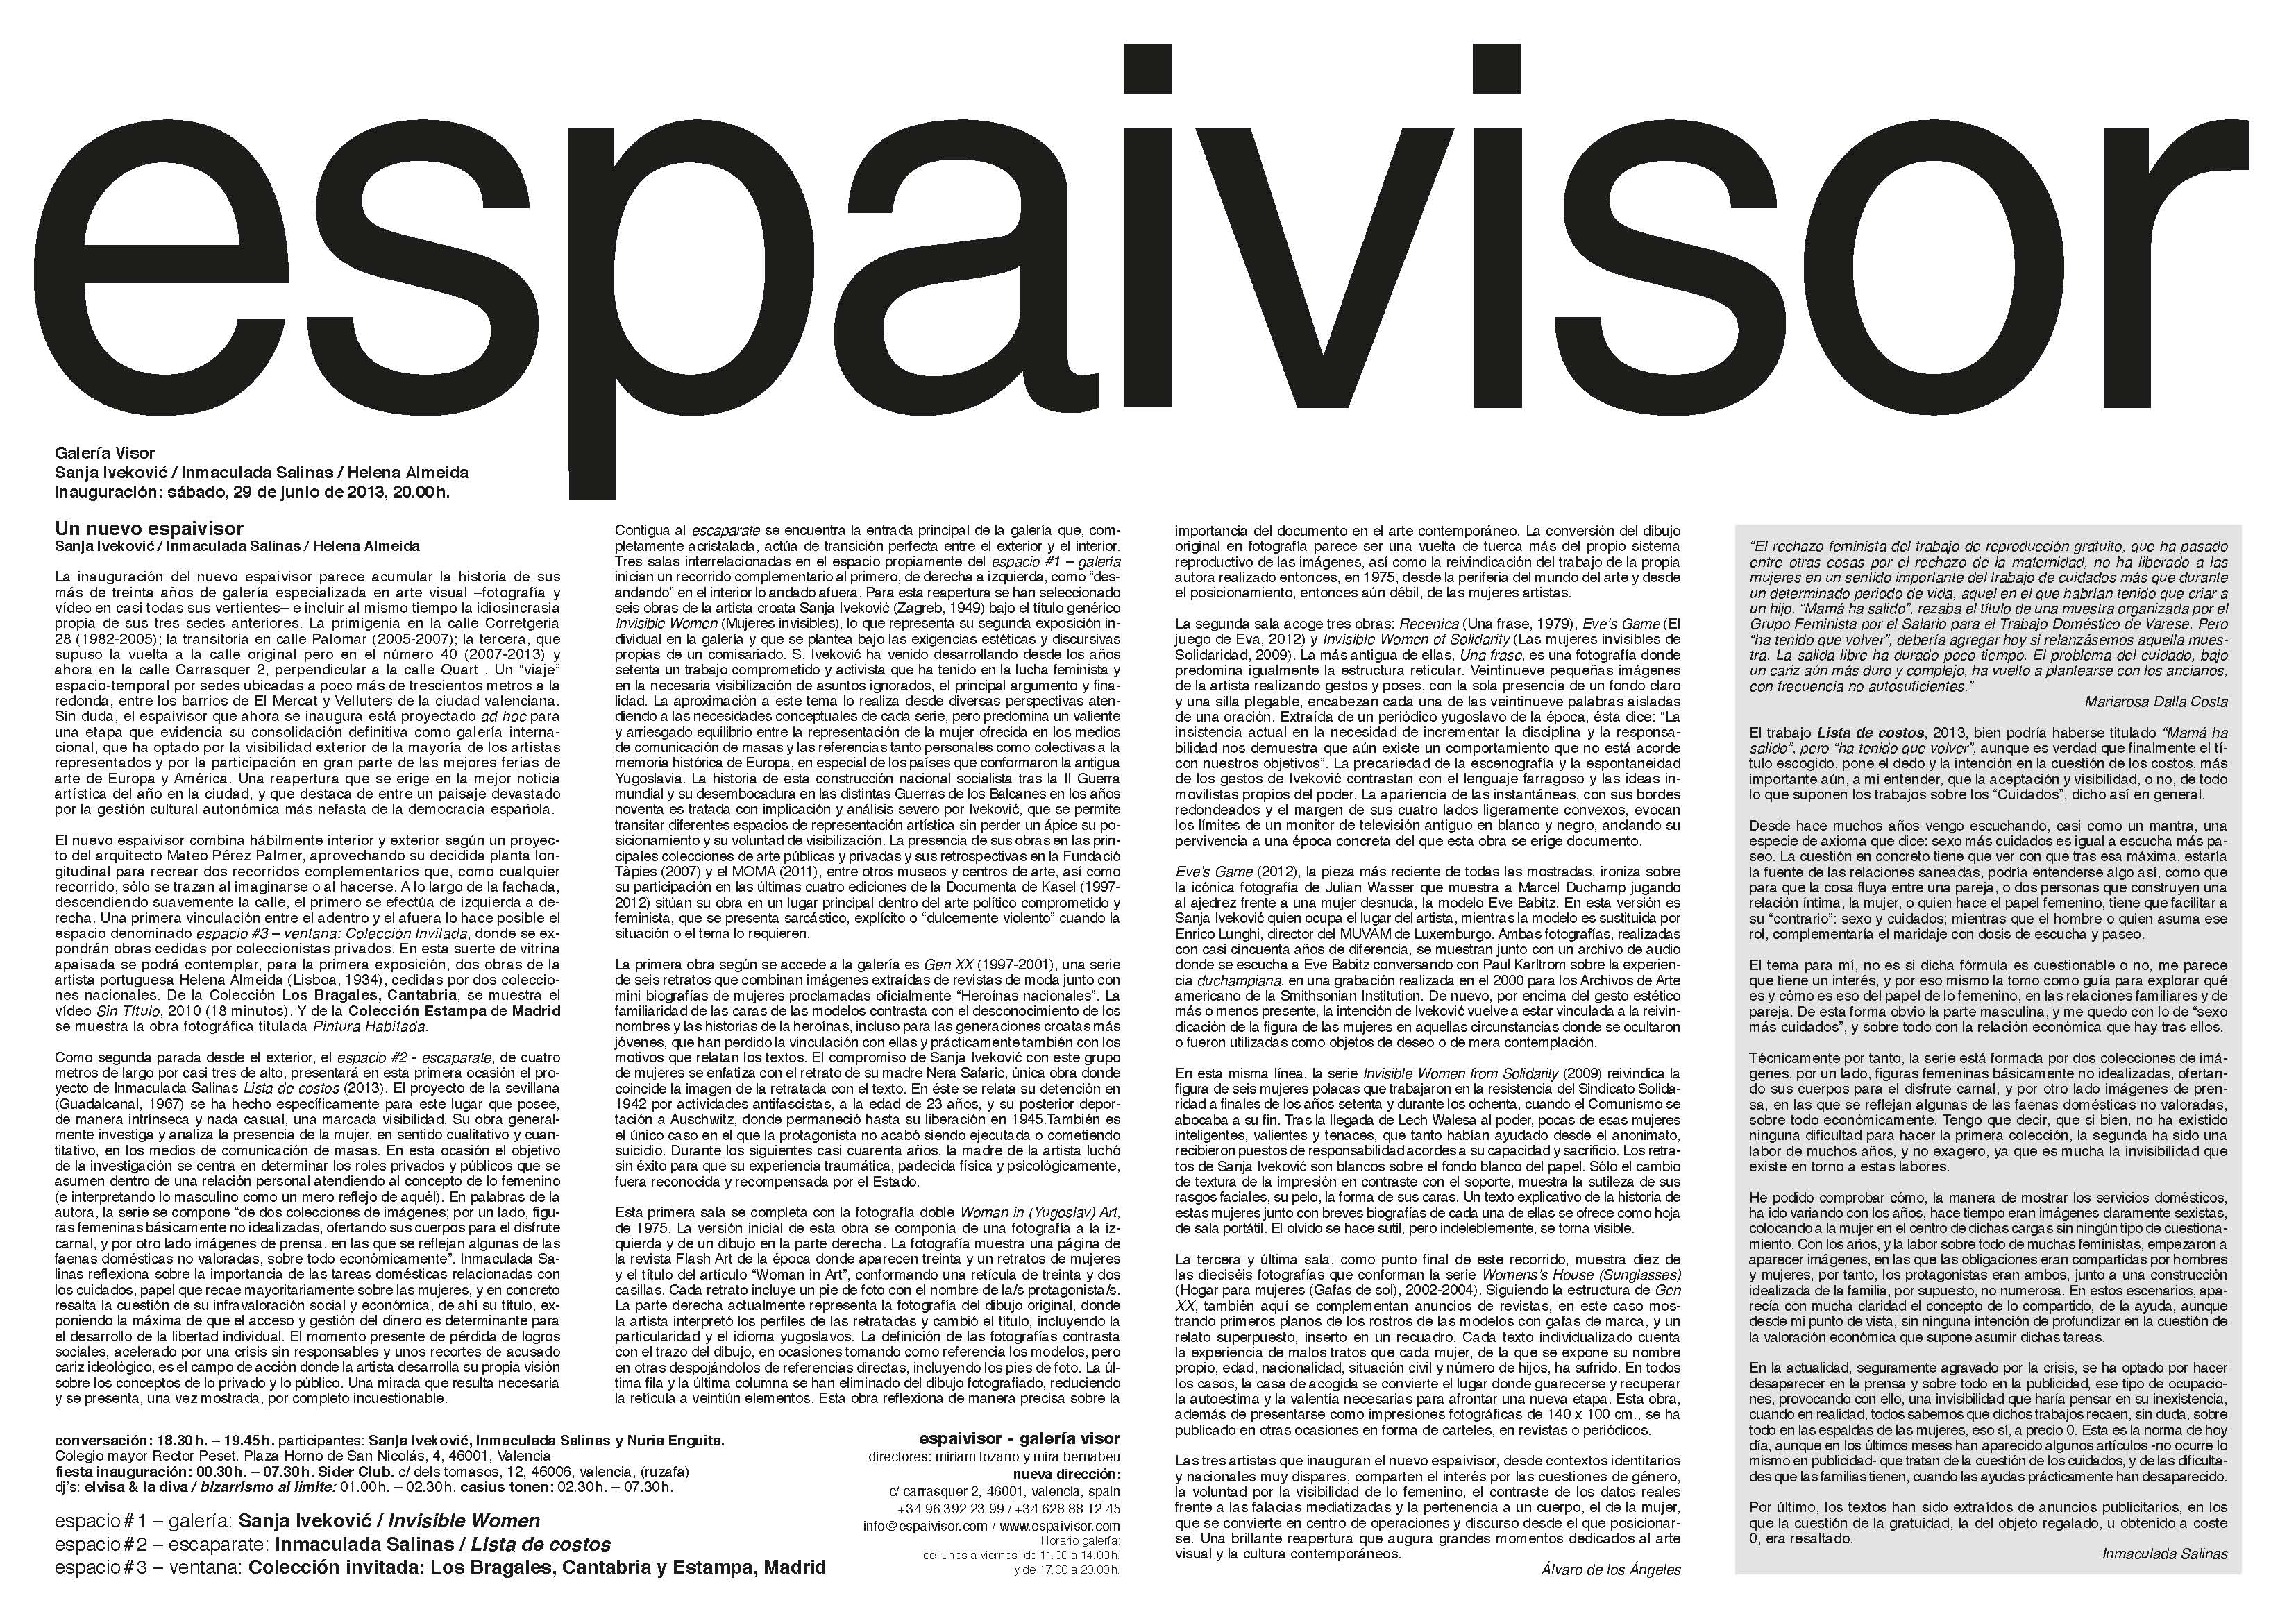 A3 inauguración nuevo espacio - espaivisor - Sanja Ivekovic_Página_1